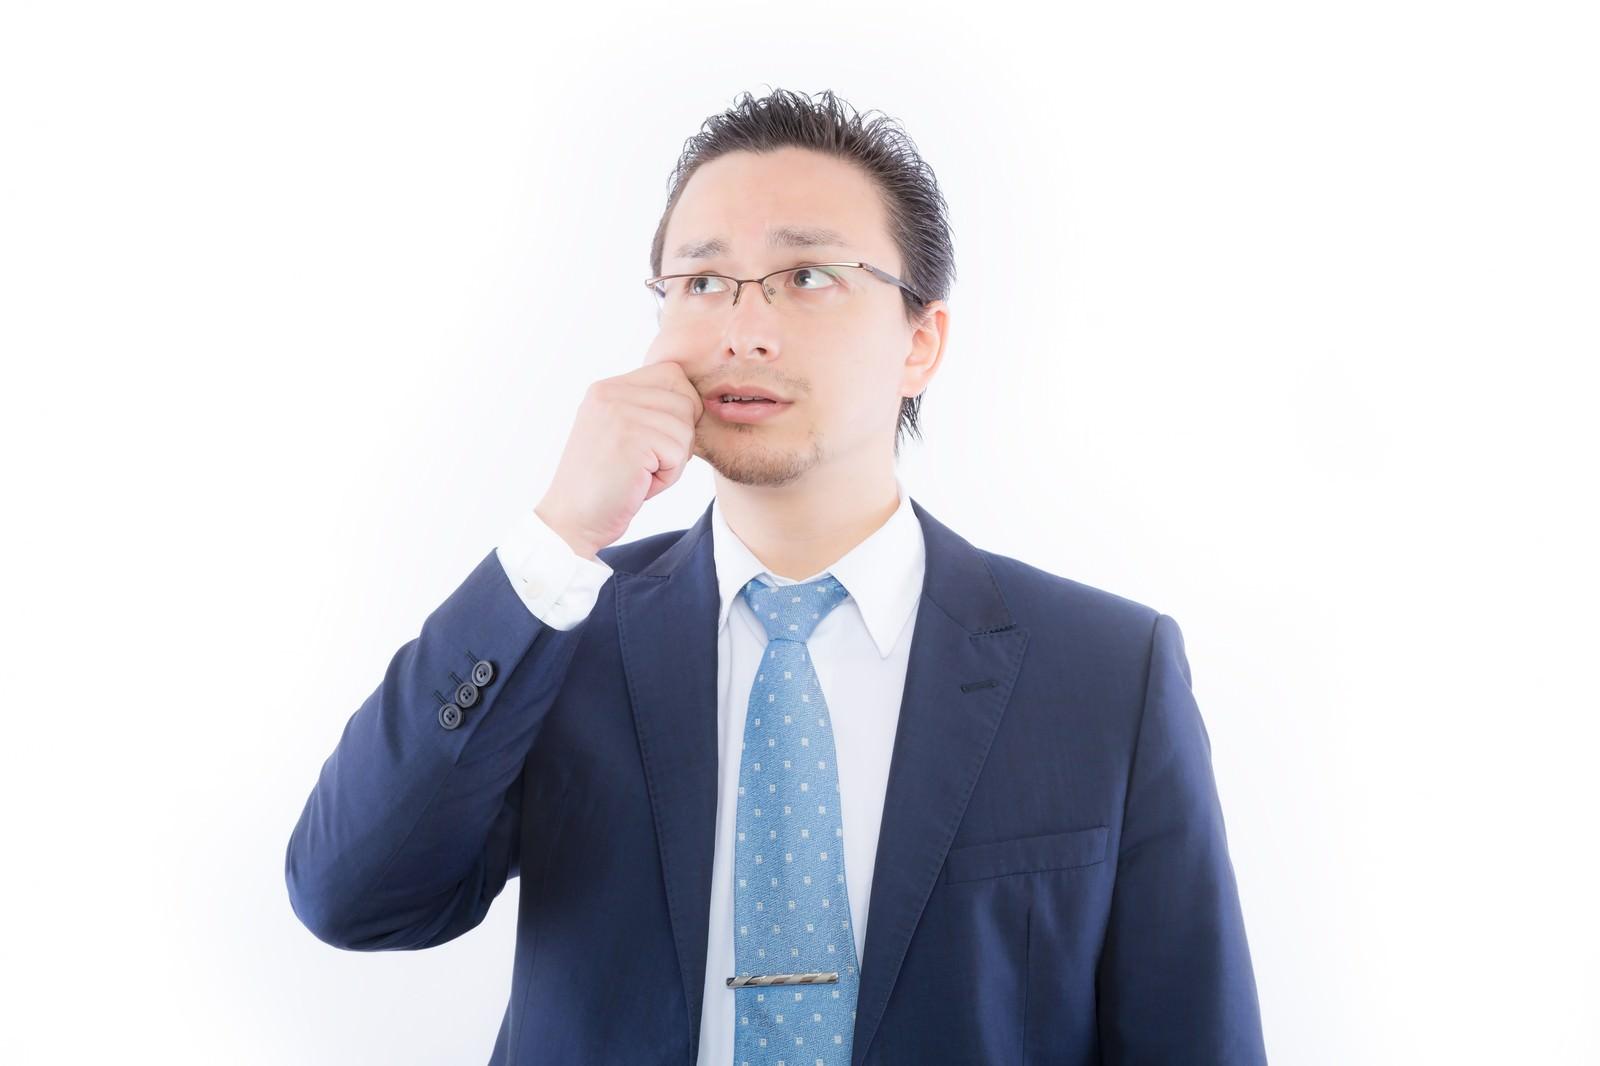 「頬をつねって現実を知る外国人」の写真[モデル:Max_Ezaki]